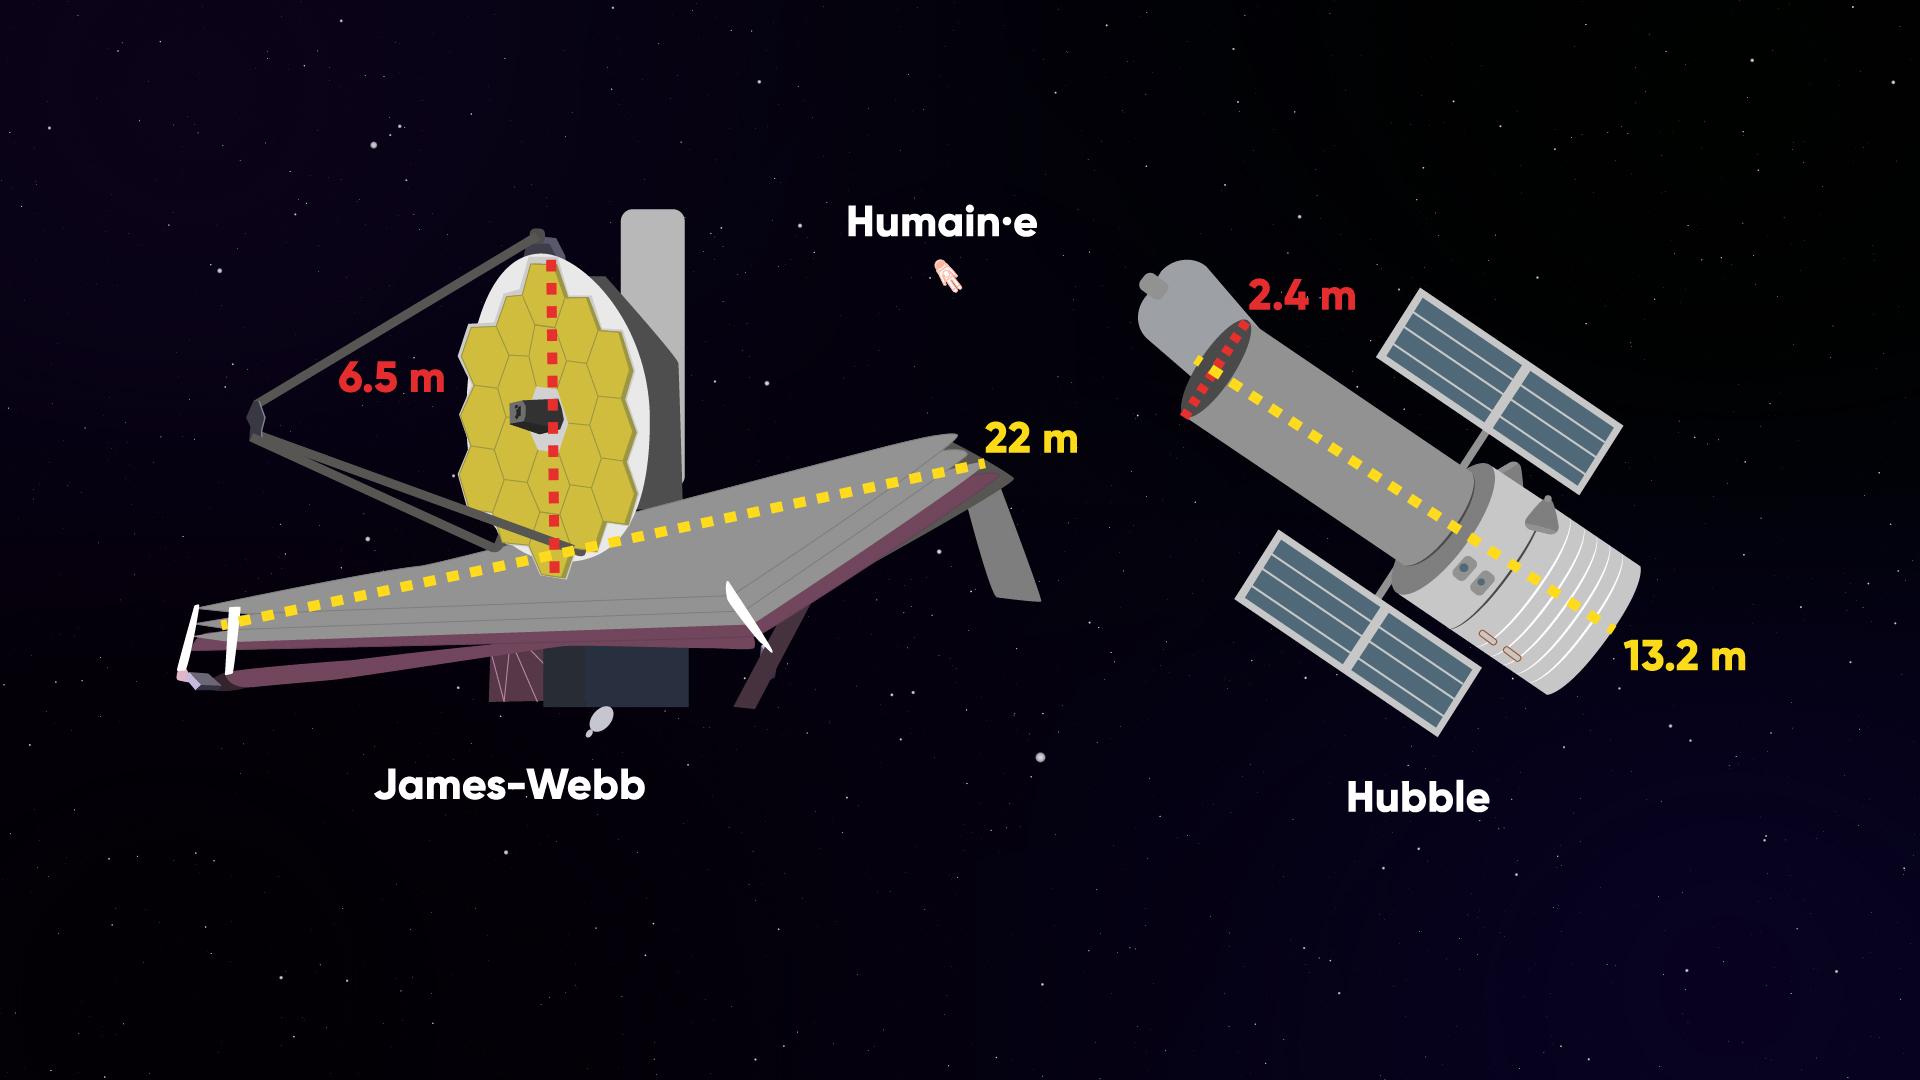 À quel point le télescope James-Webb est-il plus imposant que Hubble ?